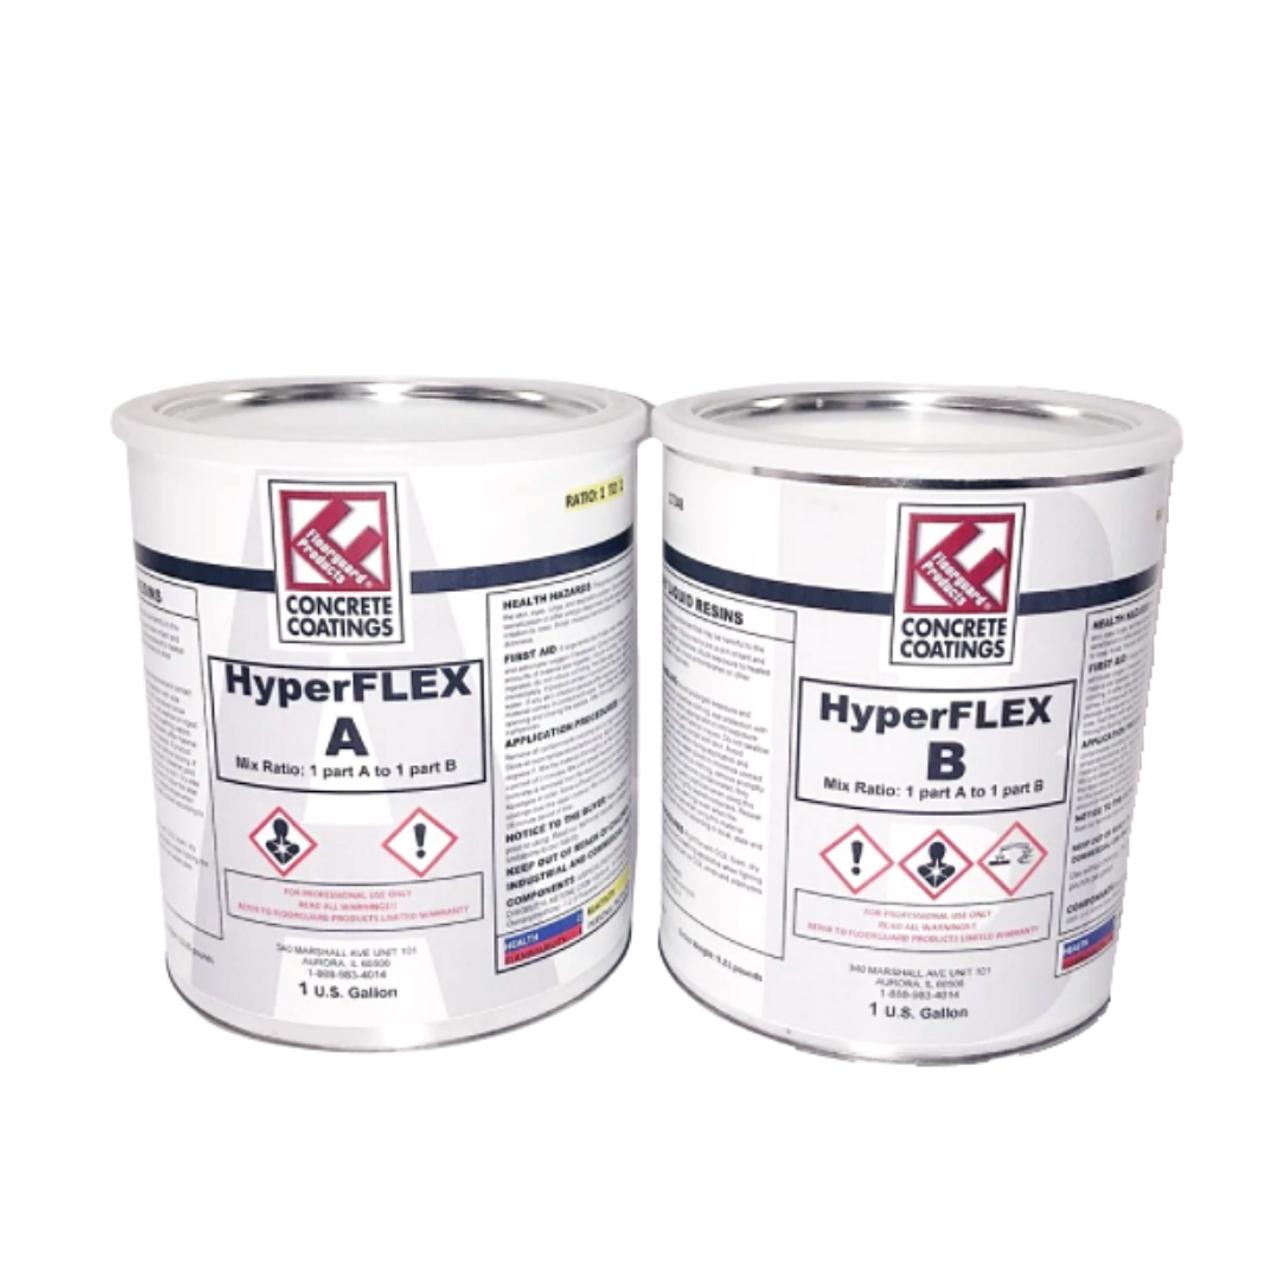 HyperFLEX- 2 Gallon